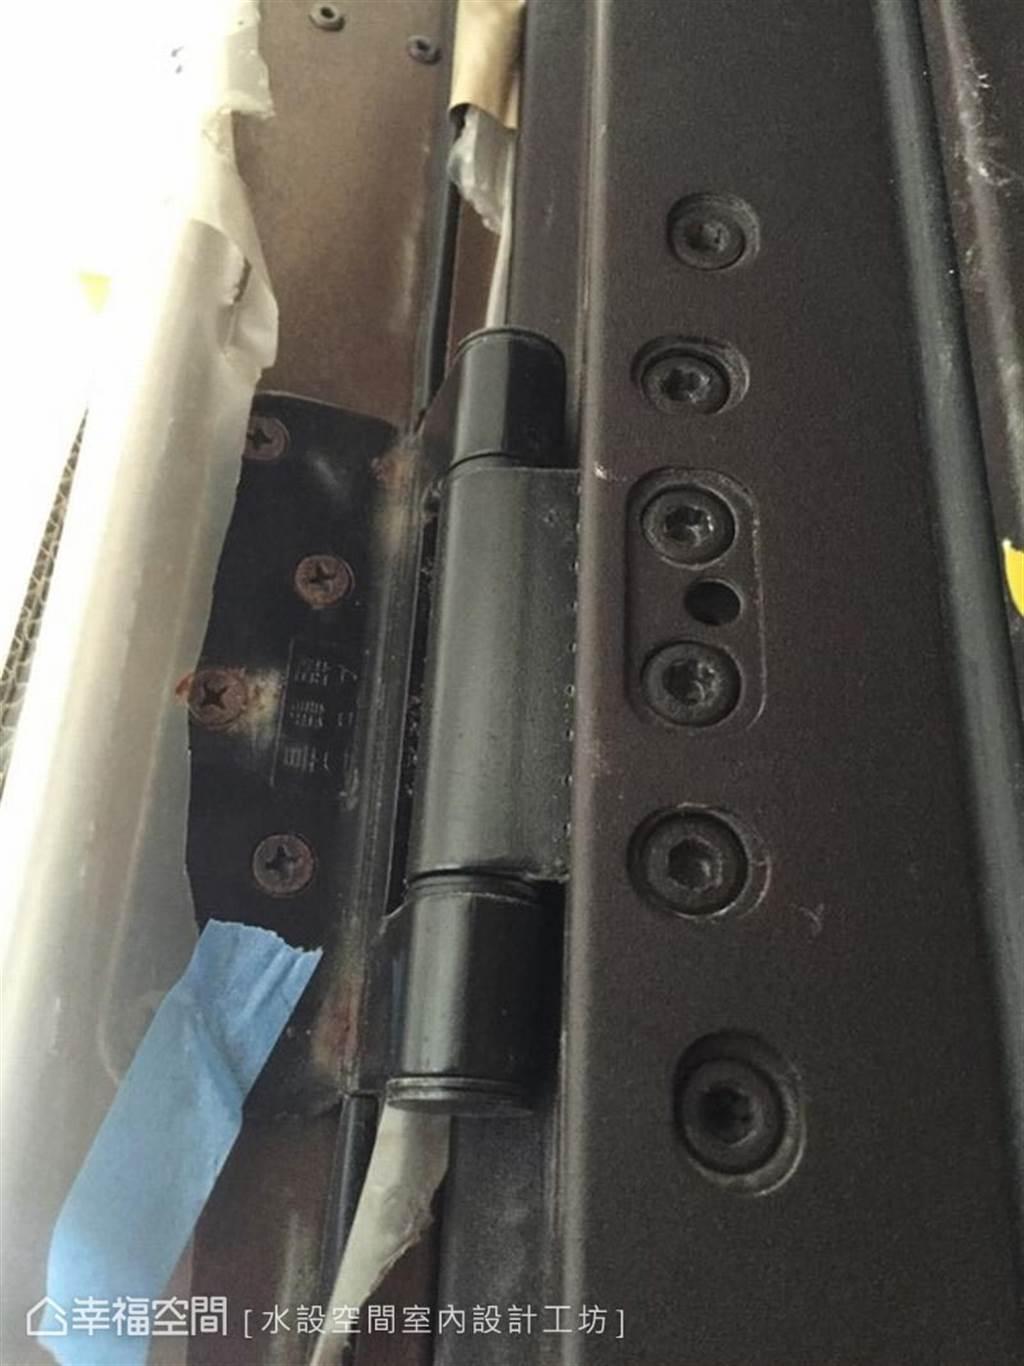 ▲門與牆面的連接處發生鏽蝕情形。(圖片來源/水設空間室內設計工坊)